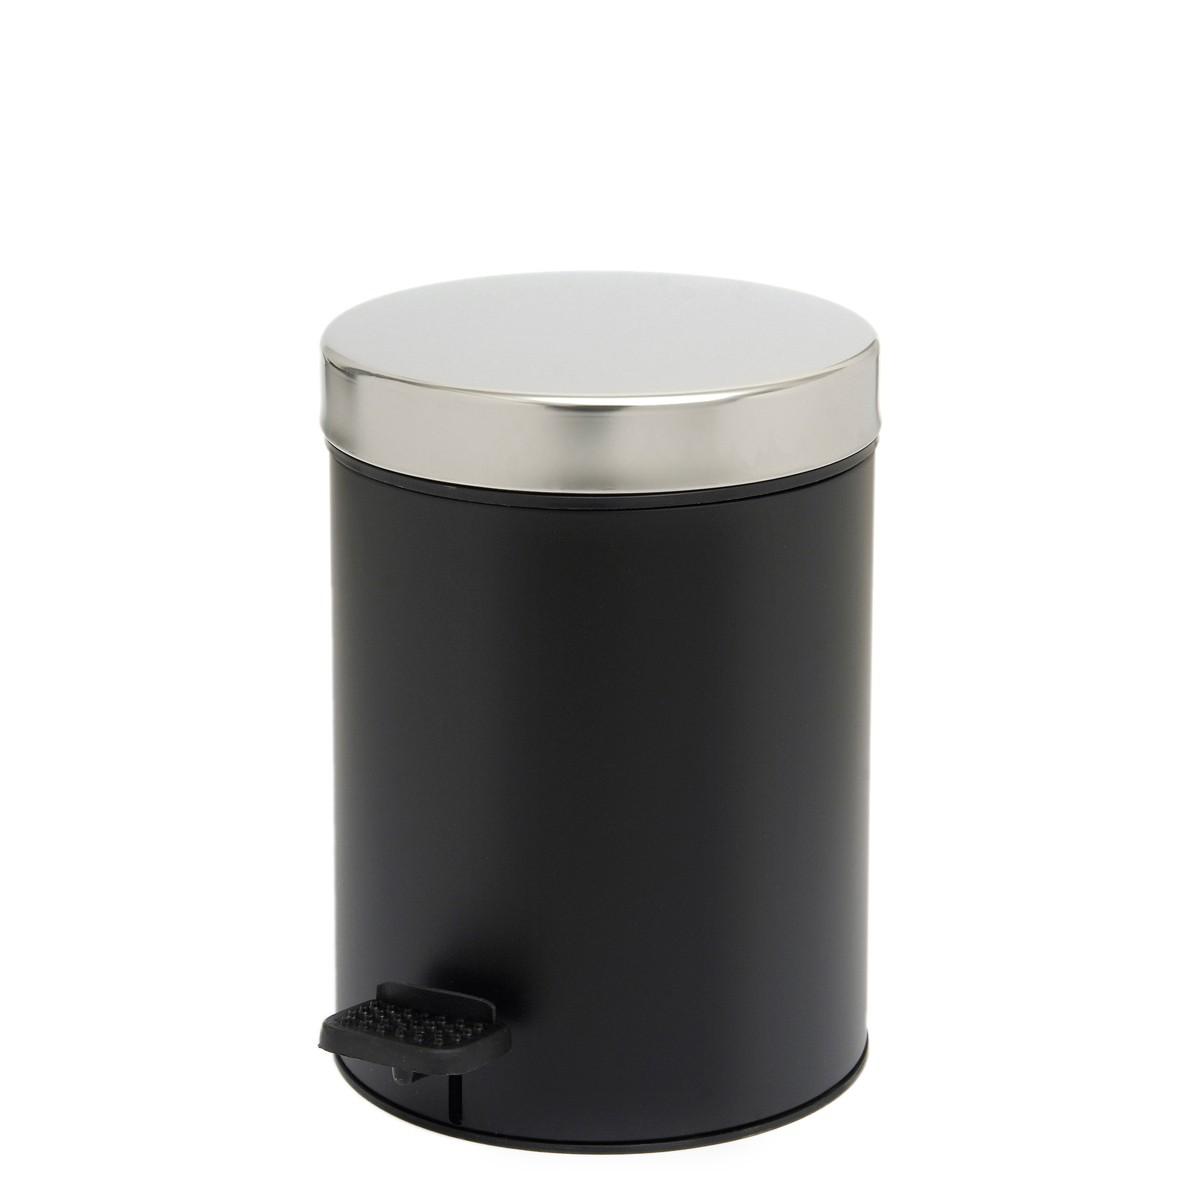 Κάδος Απορριμάτων (18x25) PamCo 3Lit 126 Black Matte